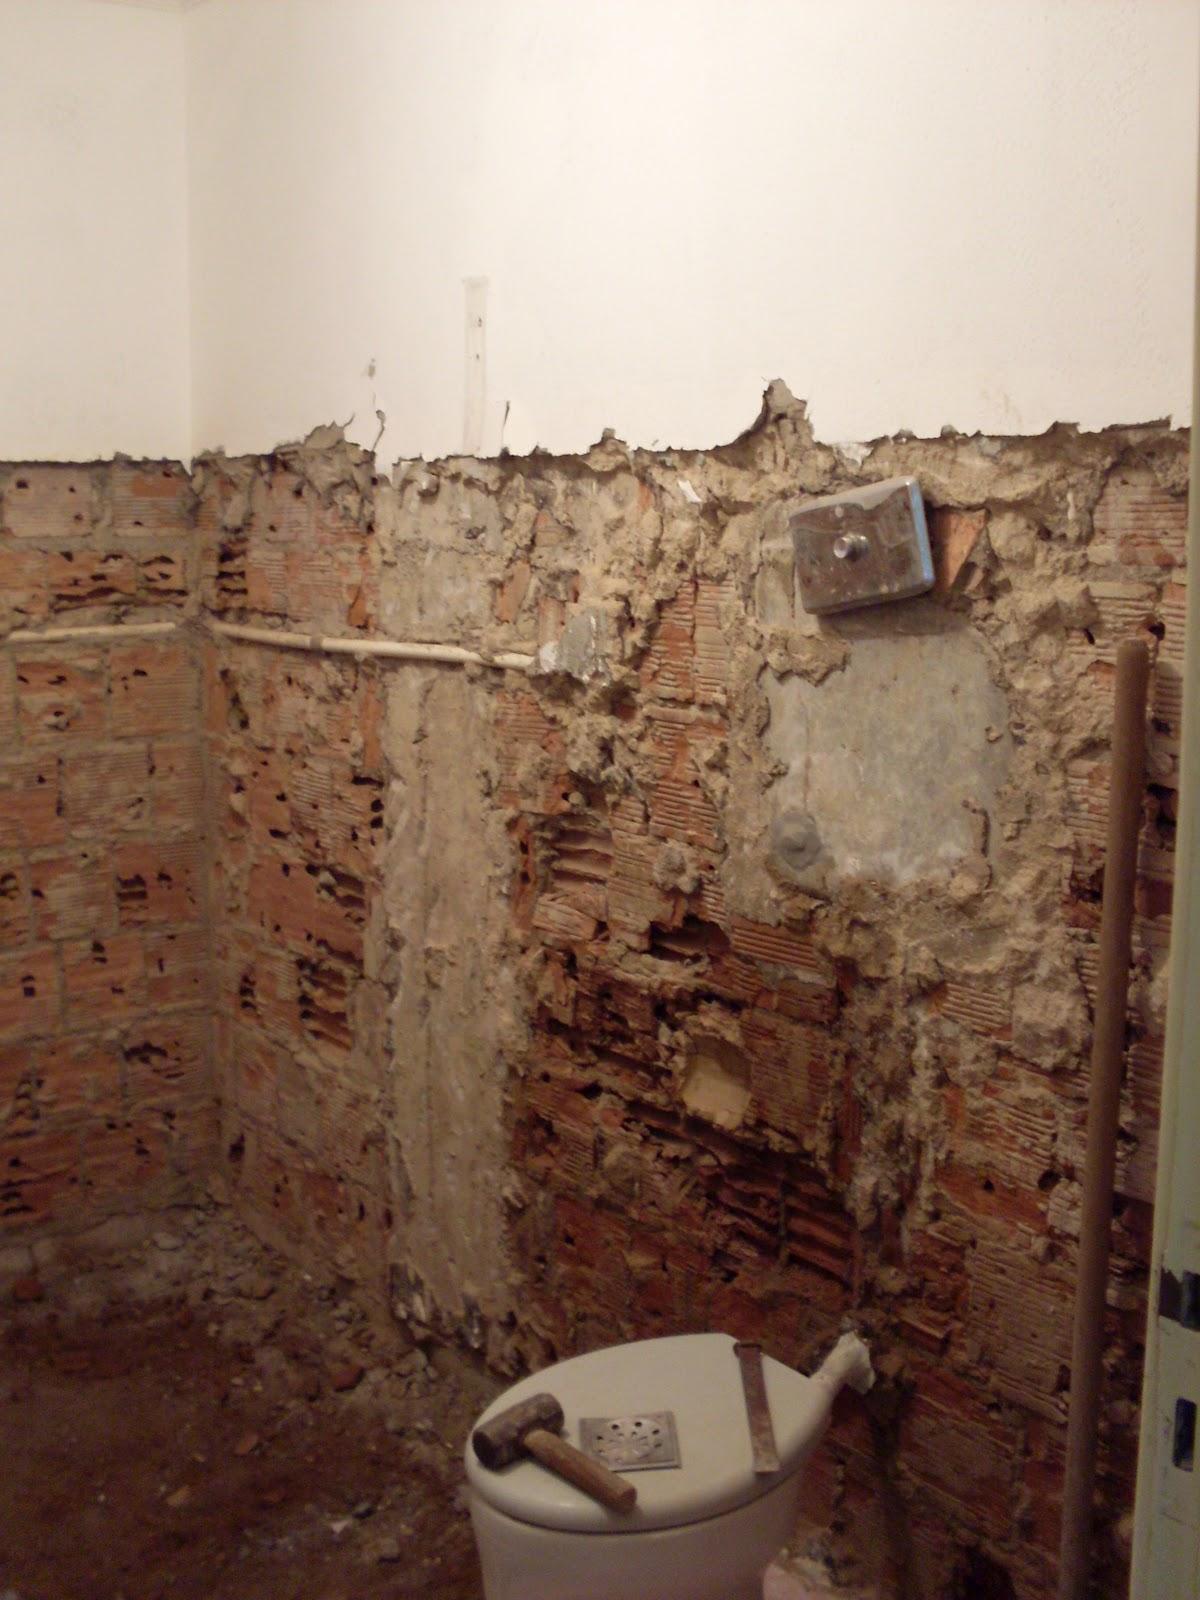 Reforma do Banheiro de 5m² (o durante) Um dia no Apê (a reforma)! #3F2019 1200 1600